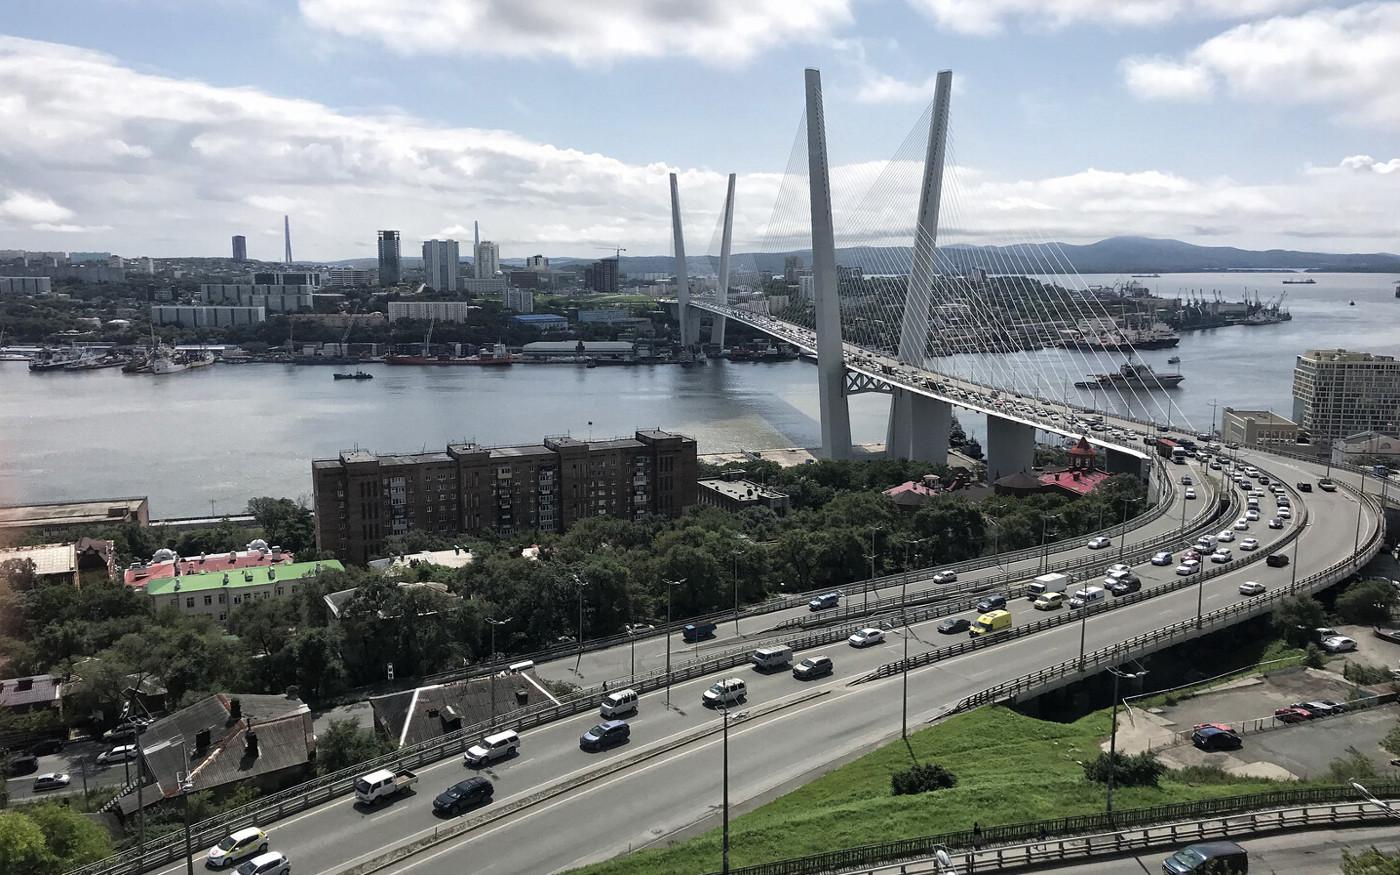 Die Russische Brücke in Wladiwostok